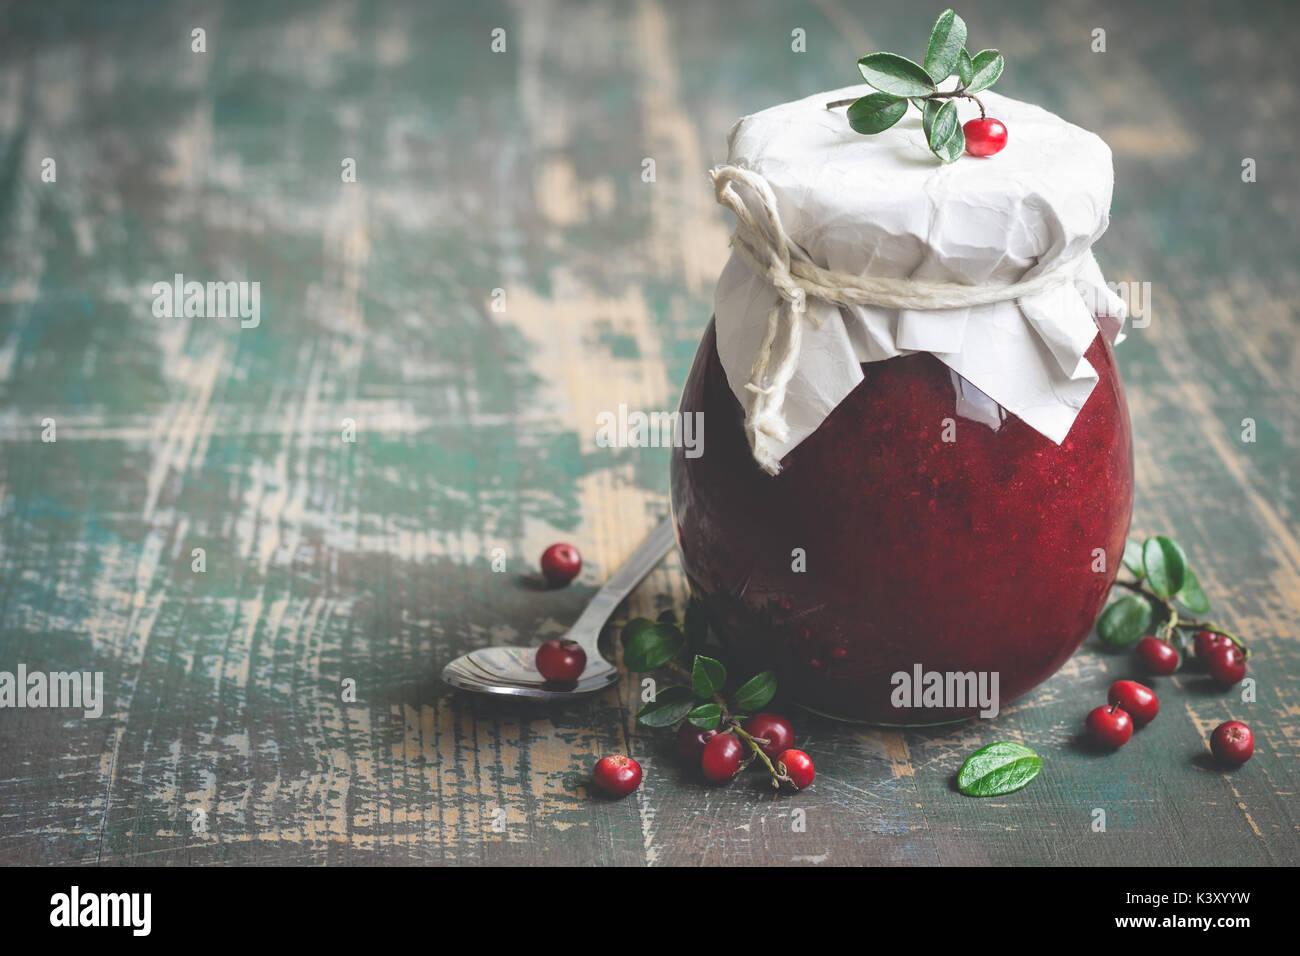 Preiselbeere Marmelade im Glas und frischen Beeren. Selektiver Fokus, kopieren Raum Stockbild